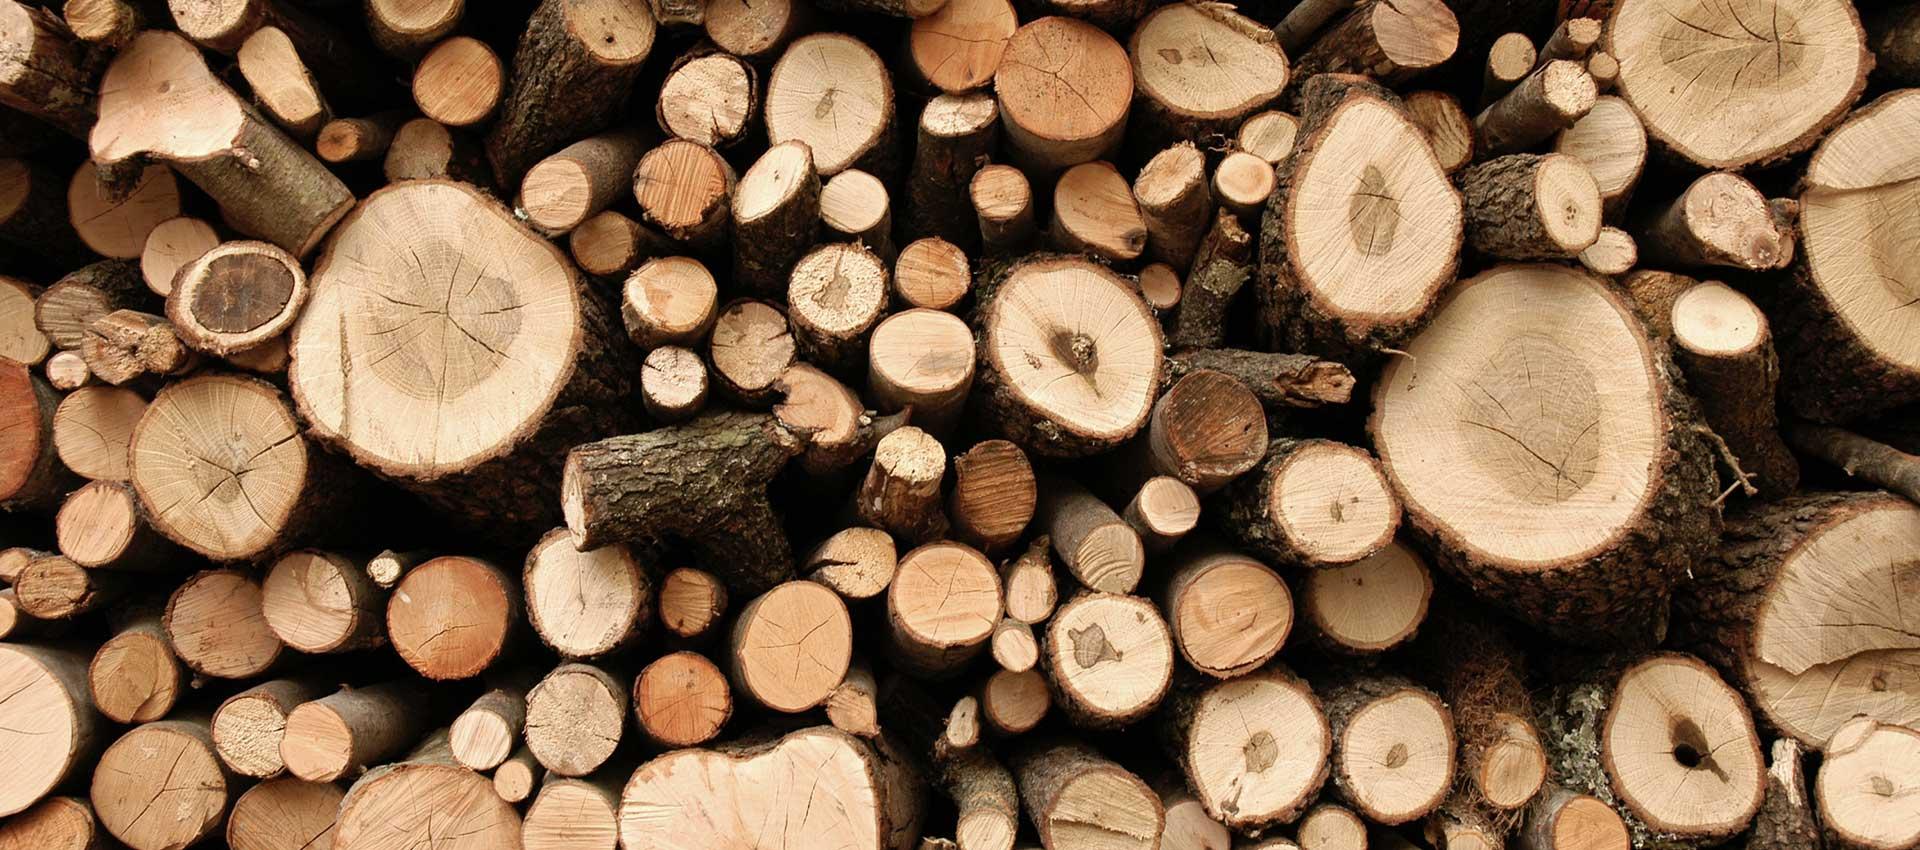 Der heissbegehrte Rohstoff: Holz